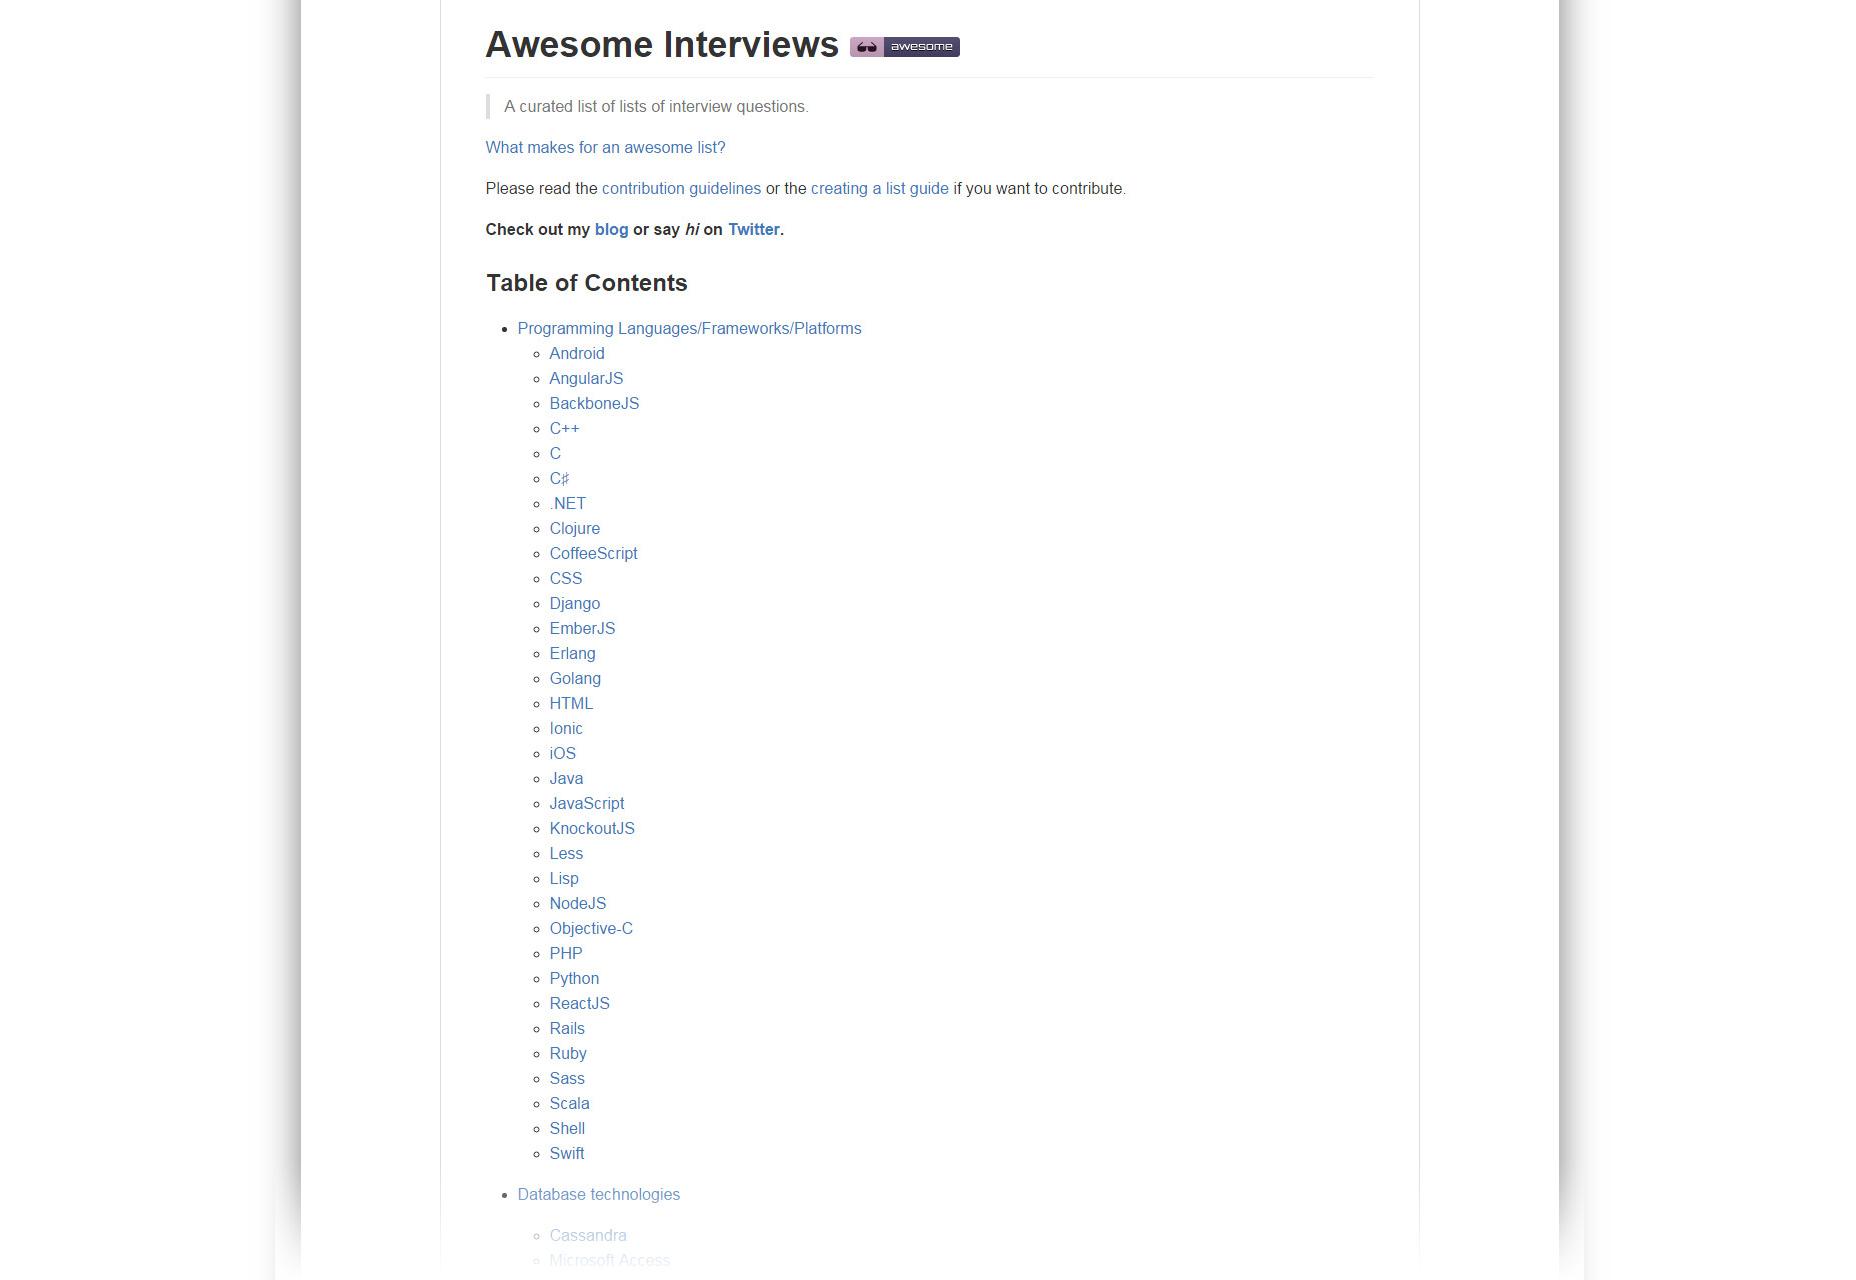 Entrevistas impresionantes: Colección de entrevistas de desarrollo de código abierto